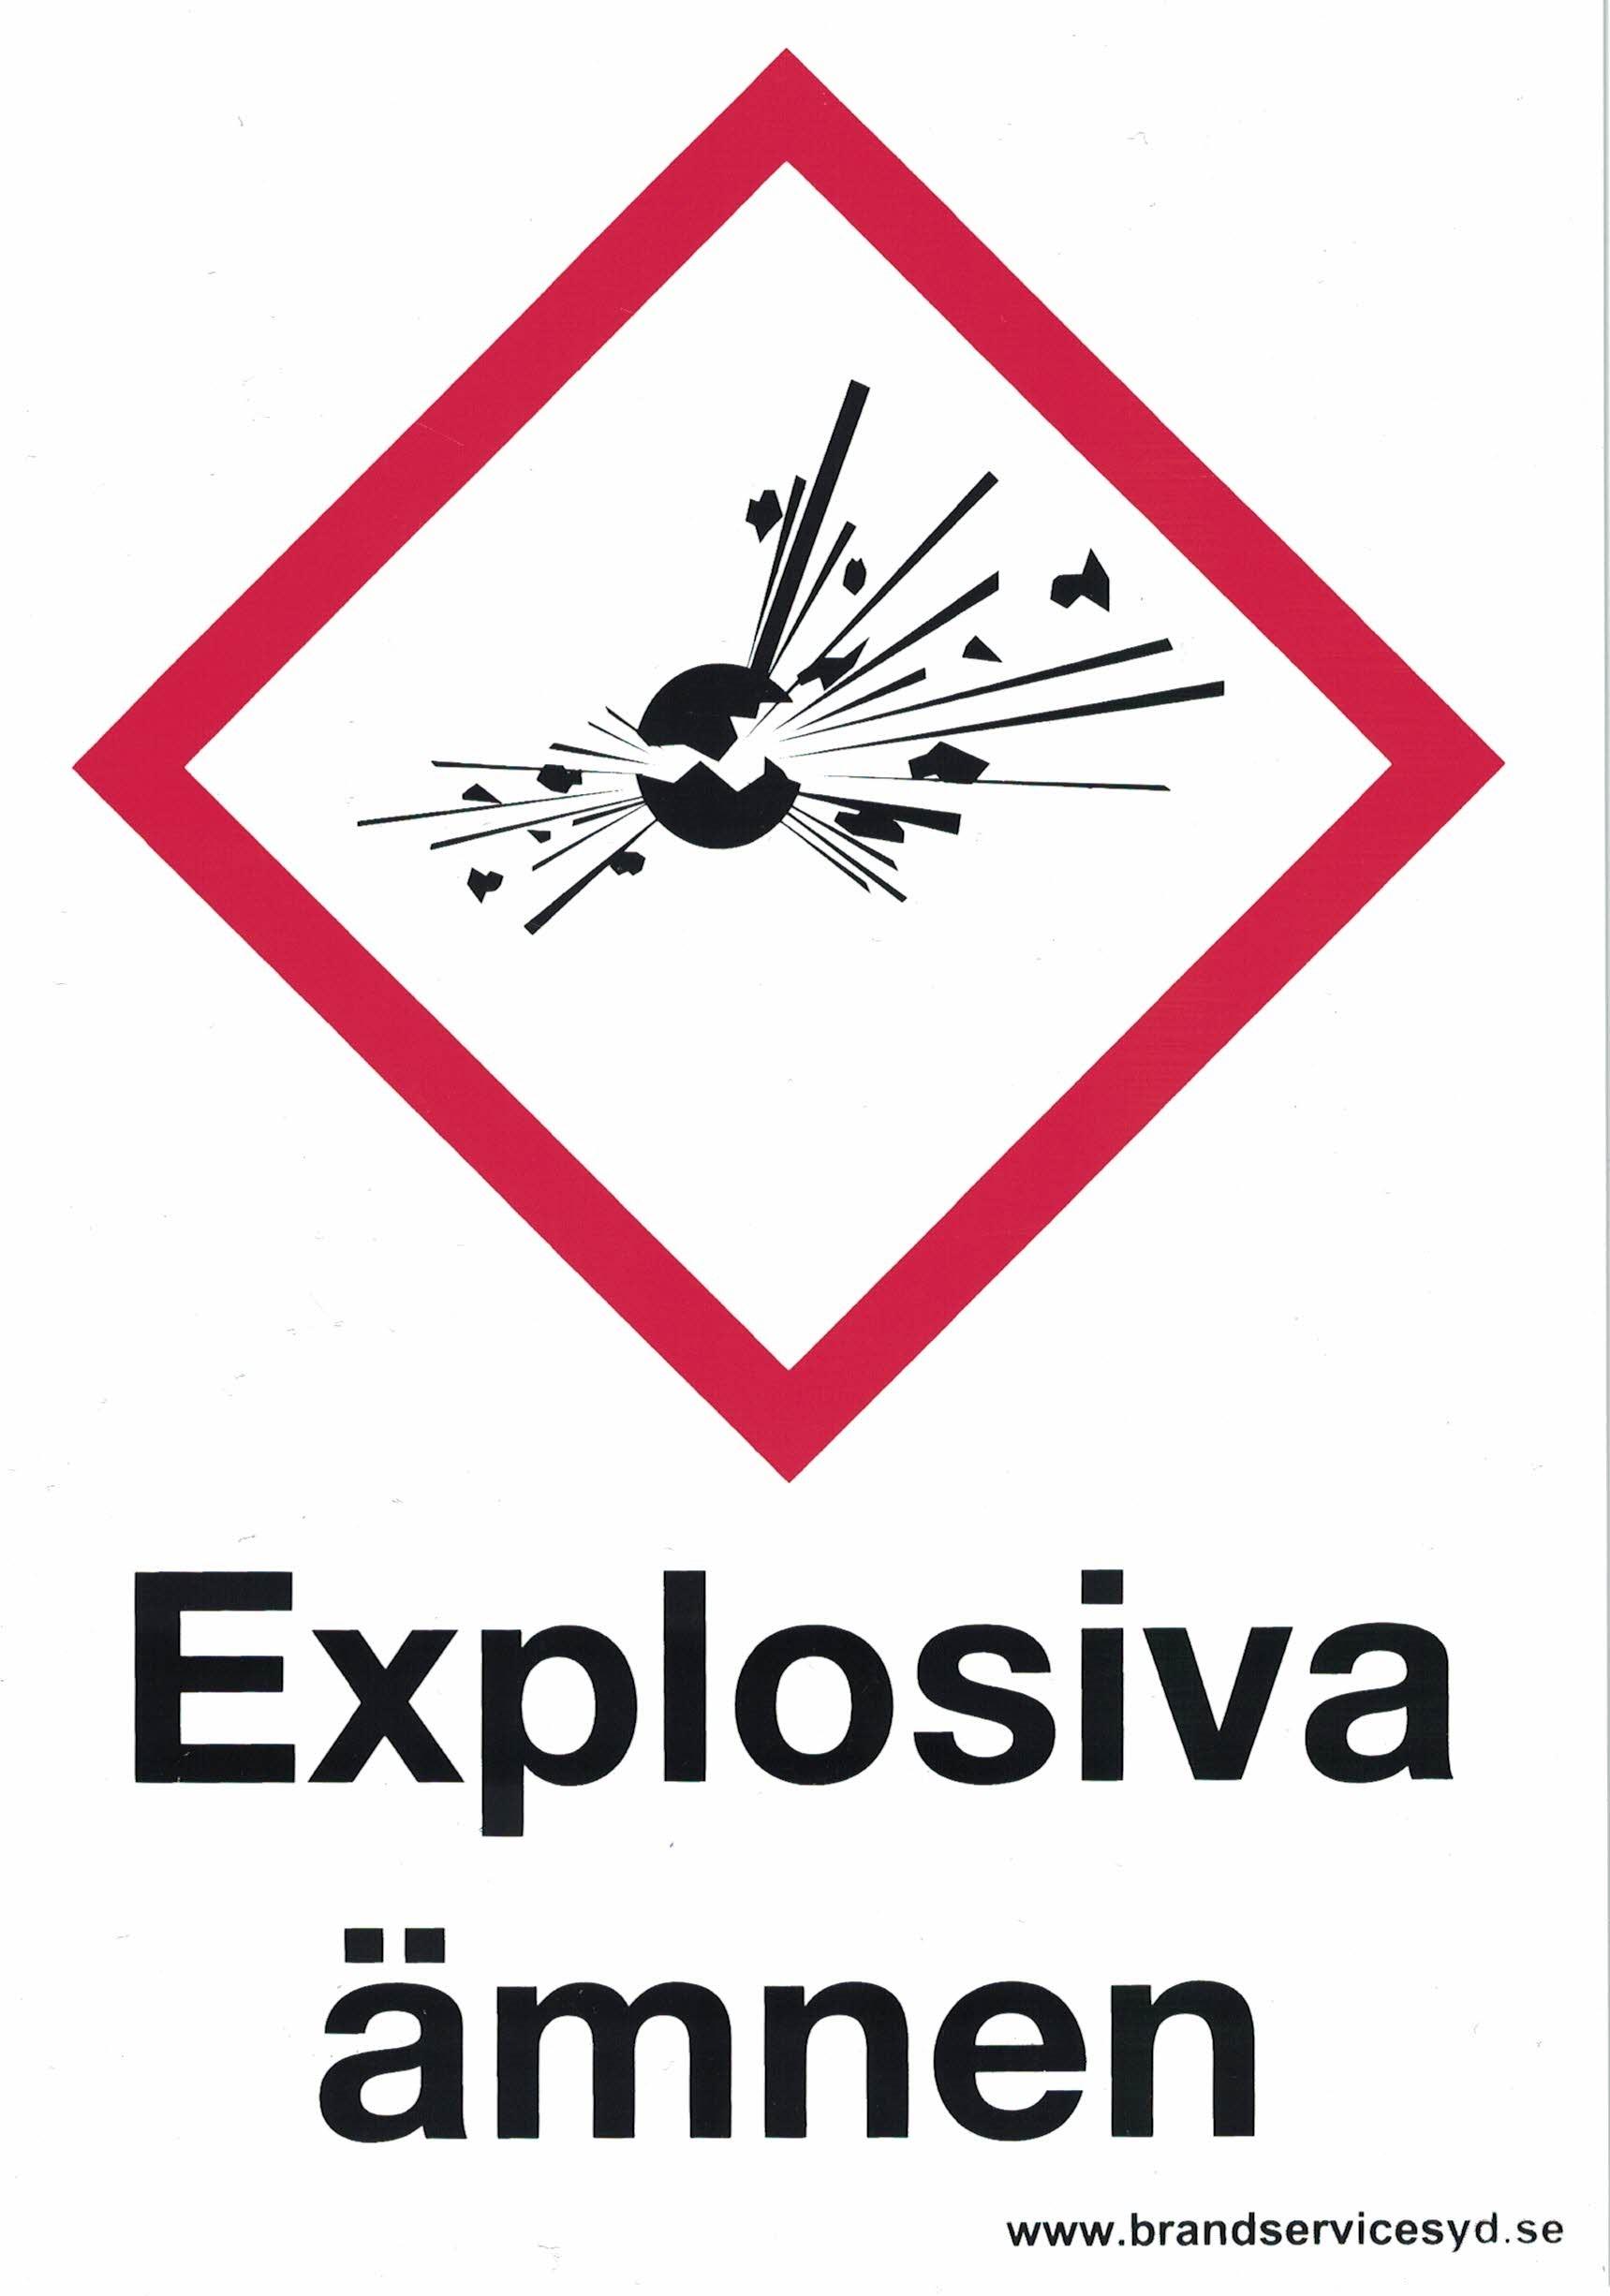 Explosiva ämnen A5 20180819